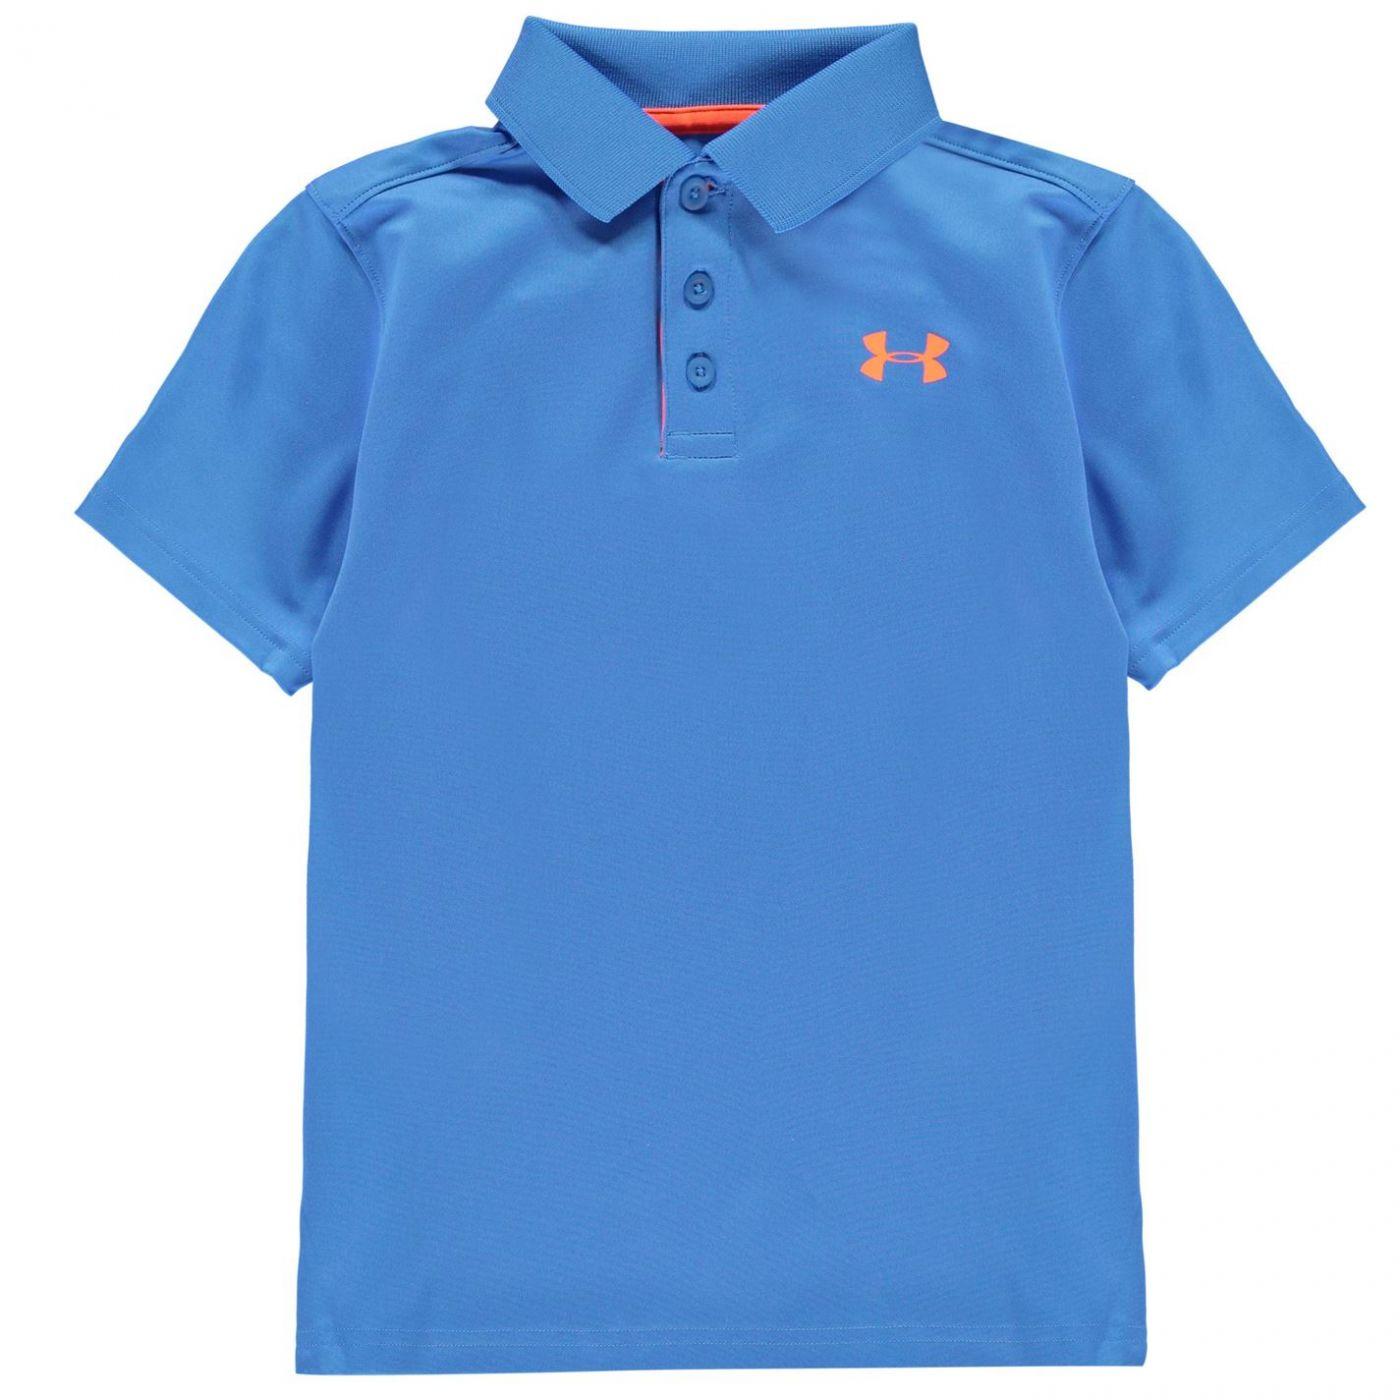 Under Armour Performance Polo Shirt Junior Boys